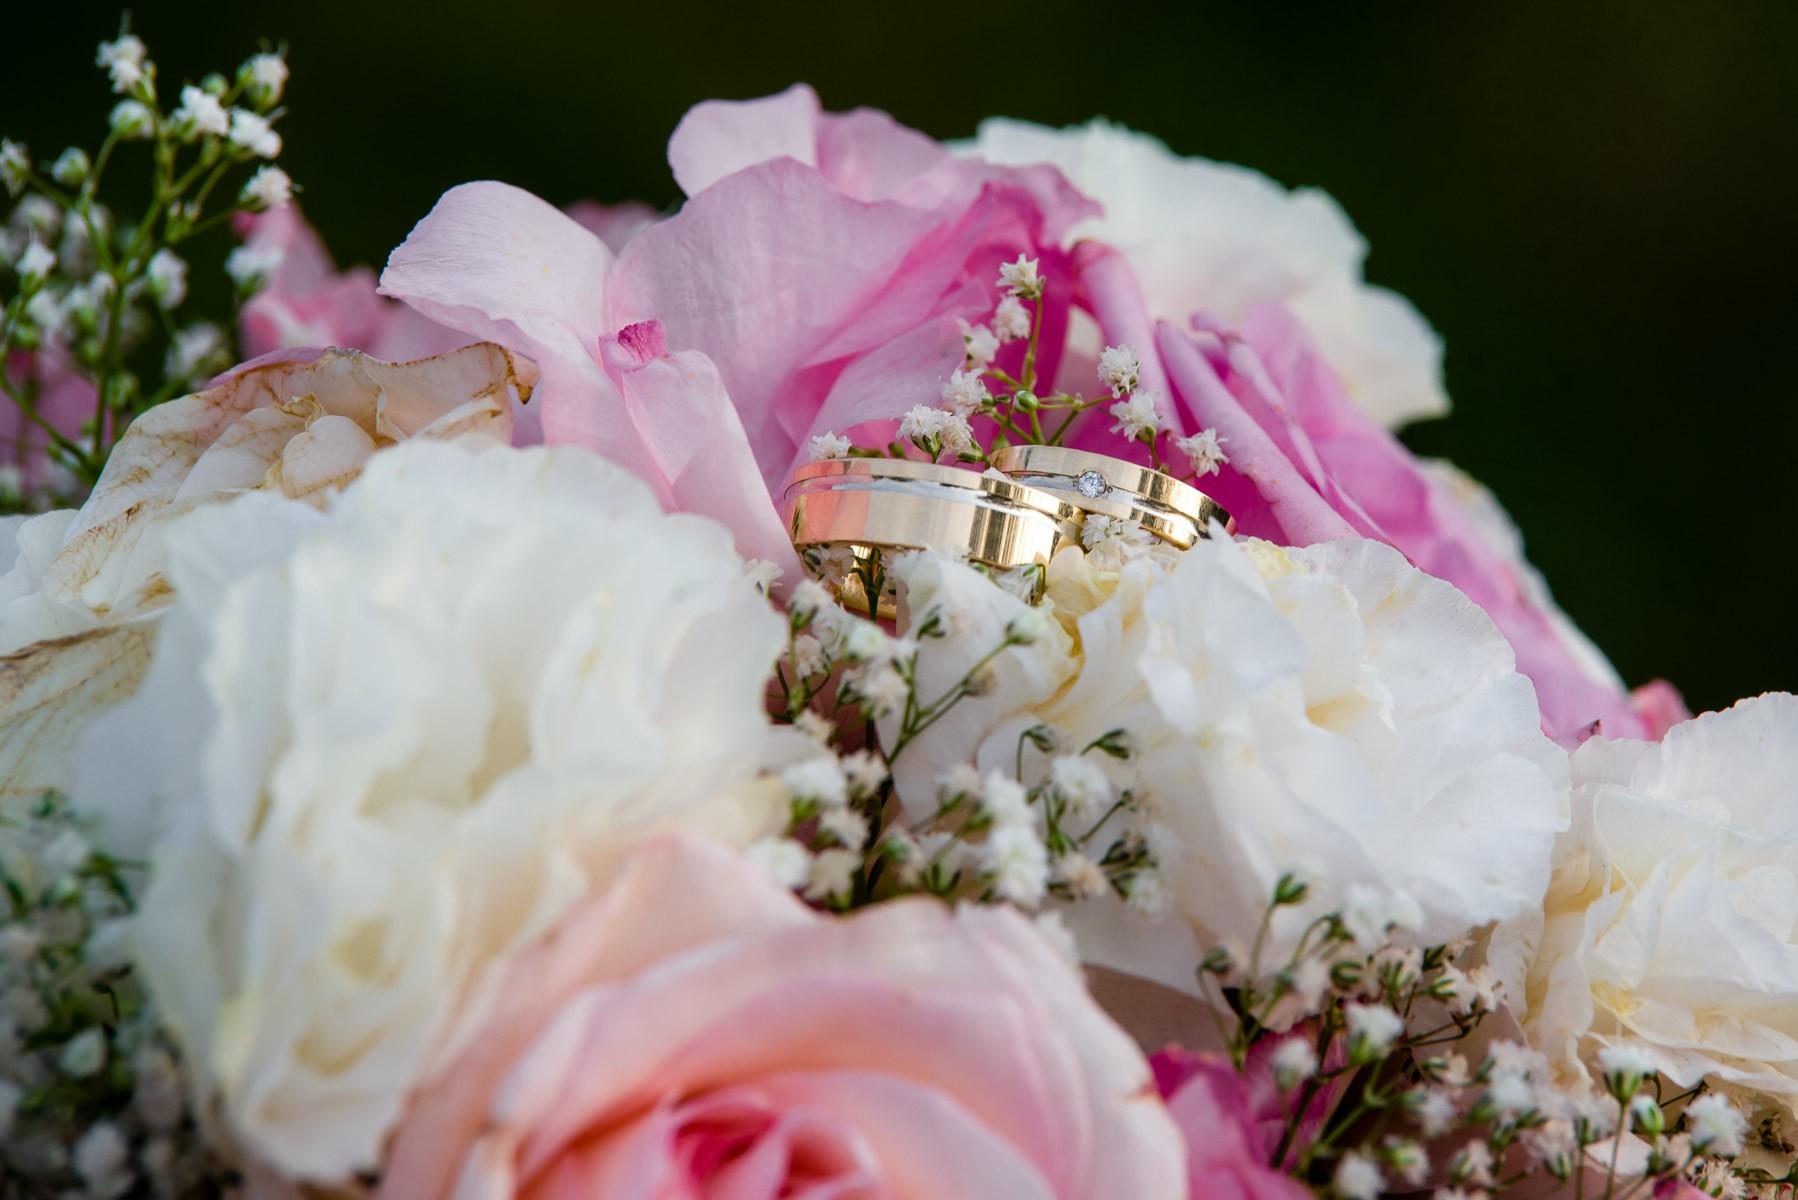 sala na skarpie fotograf slubny slask malopolska adam pietrusiak plener slubny w gorach jw wedding 195